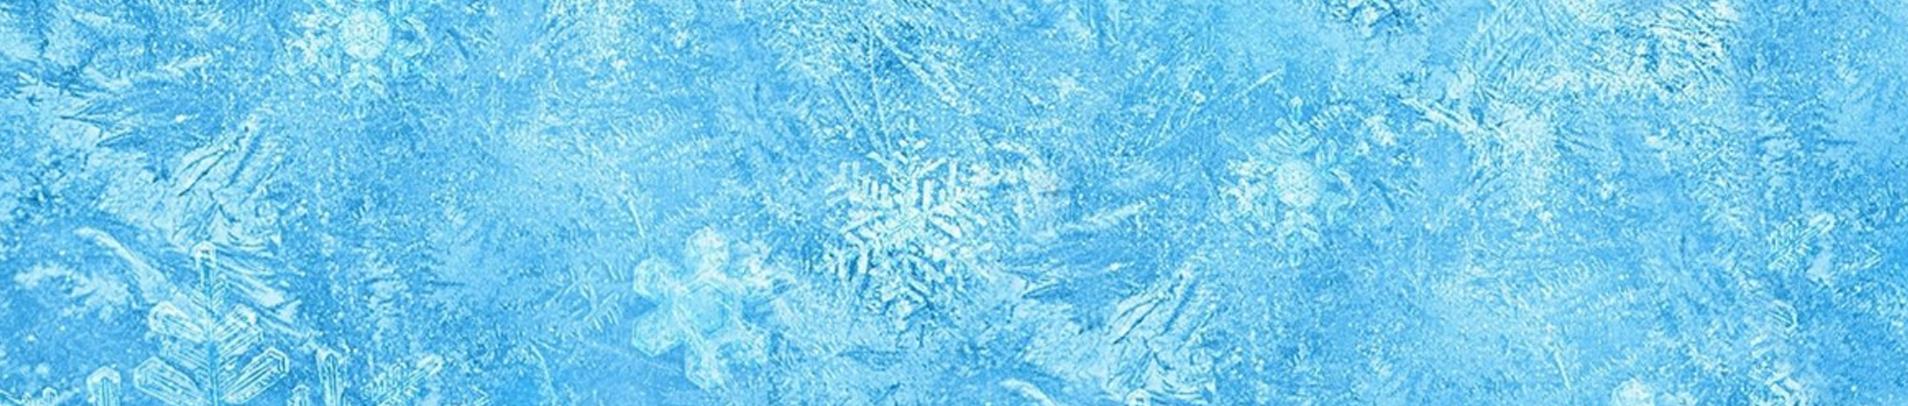 Frozen Department